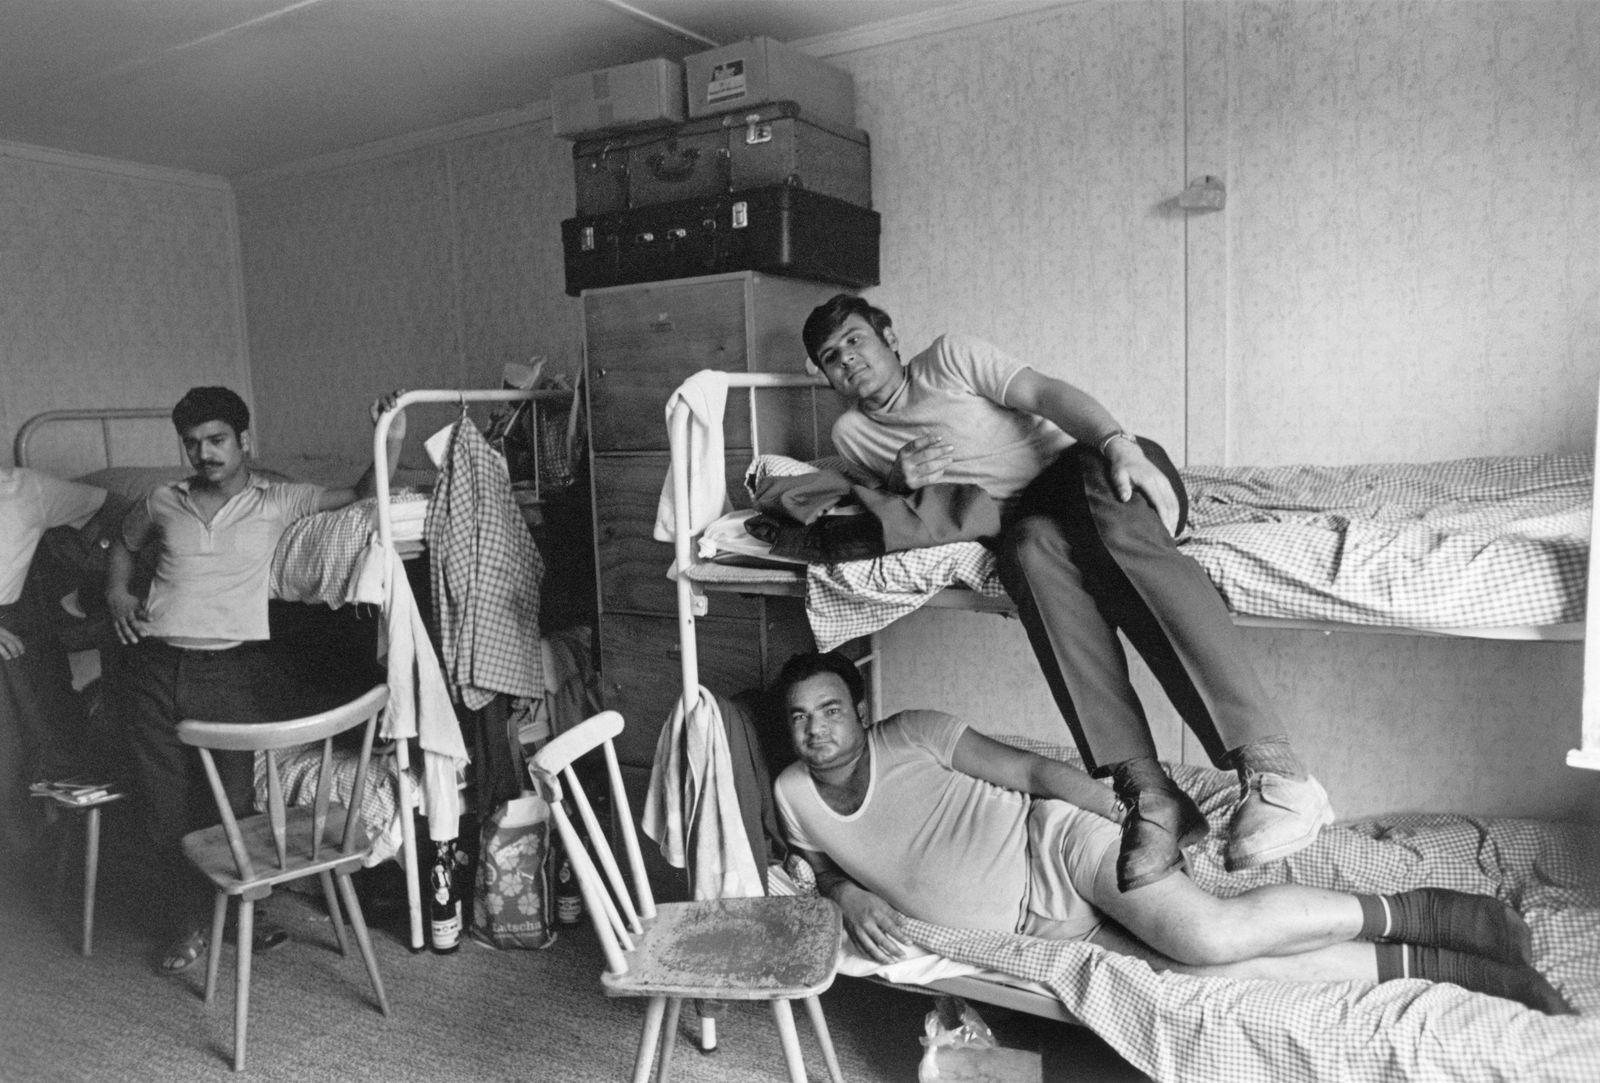 Im Ausland angeworbene Arbeiter in ihrer Unterkunft in der Bundesrepublik